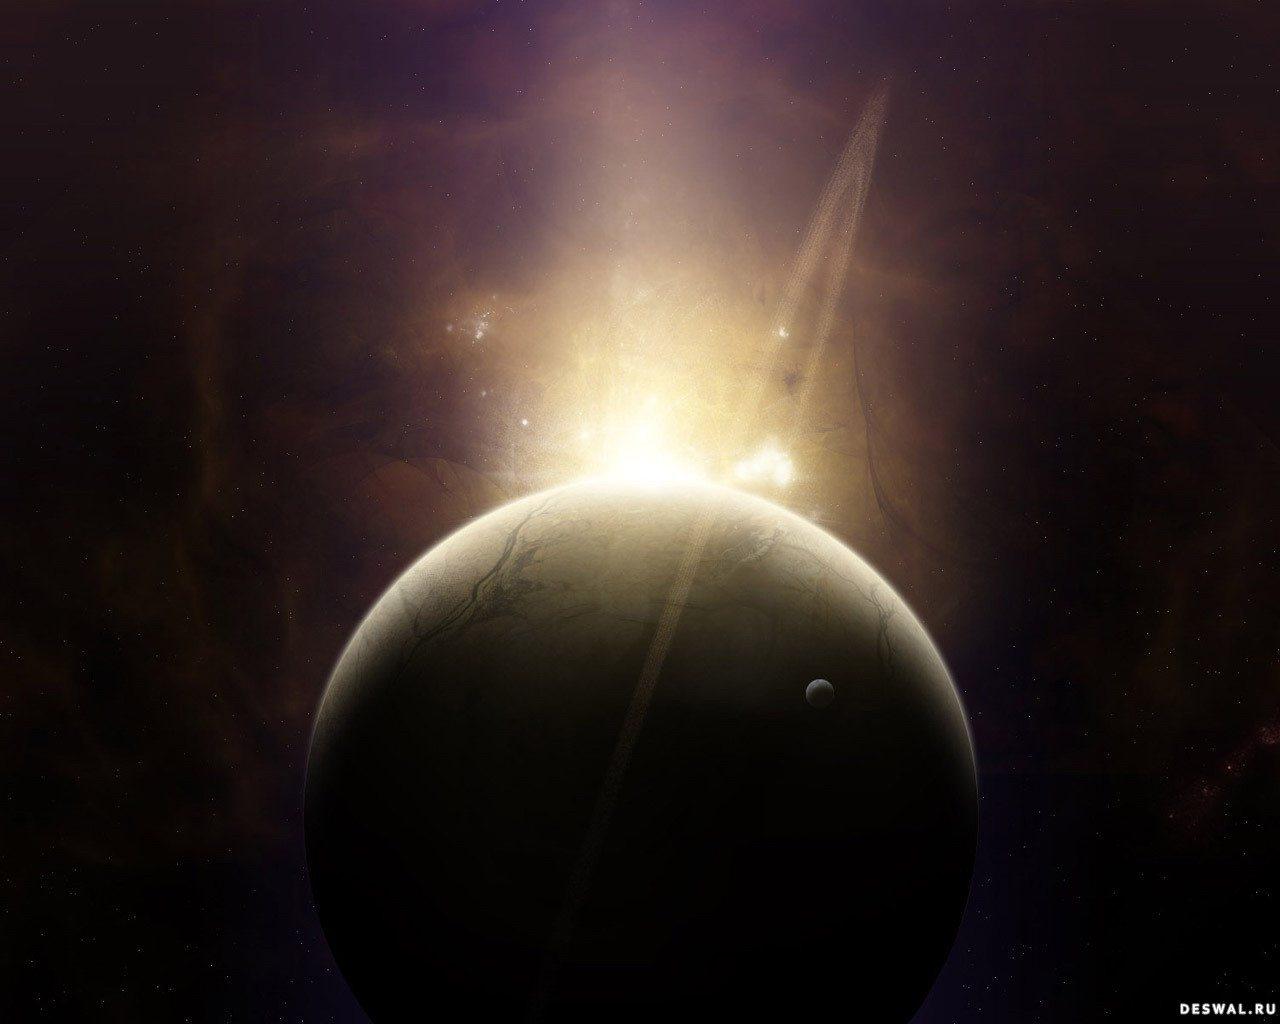 Фото 103.. Нажмите на картинку с обоями космоса, чтобы просмотреть ее в реальном размере